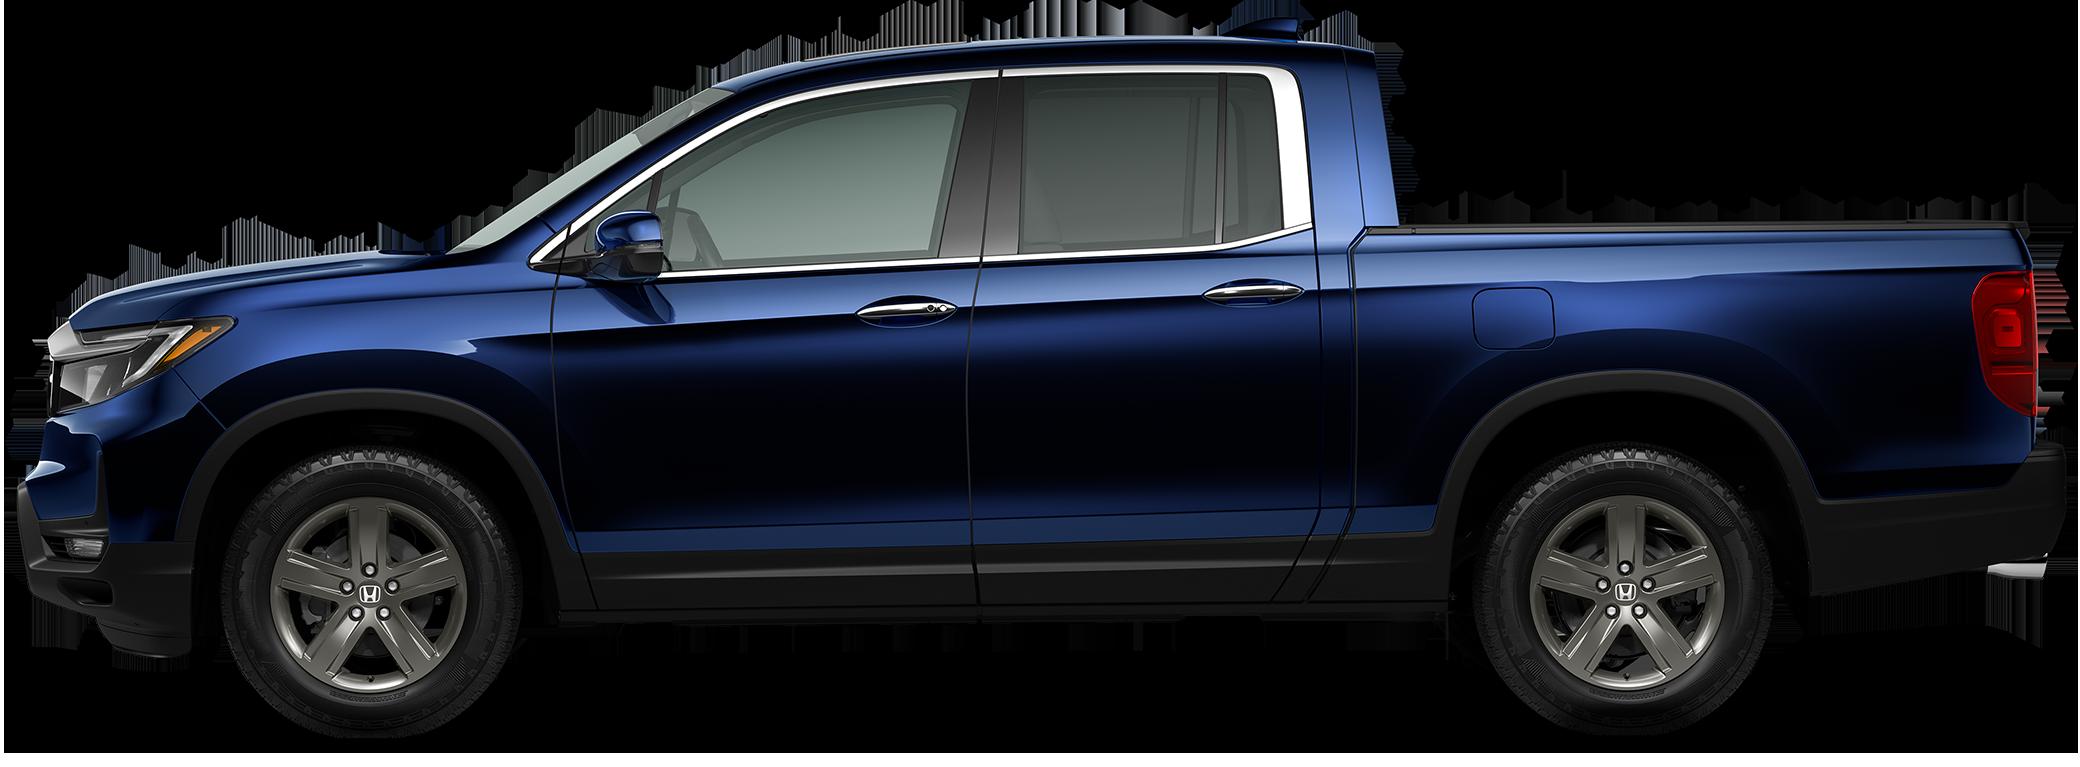 2021 Honda Ridgeline Truck Touring